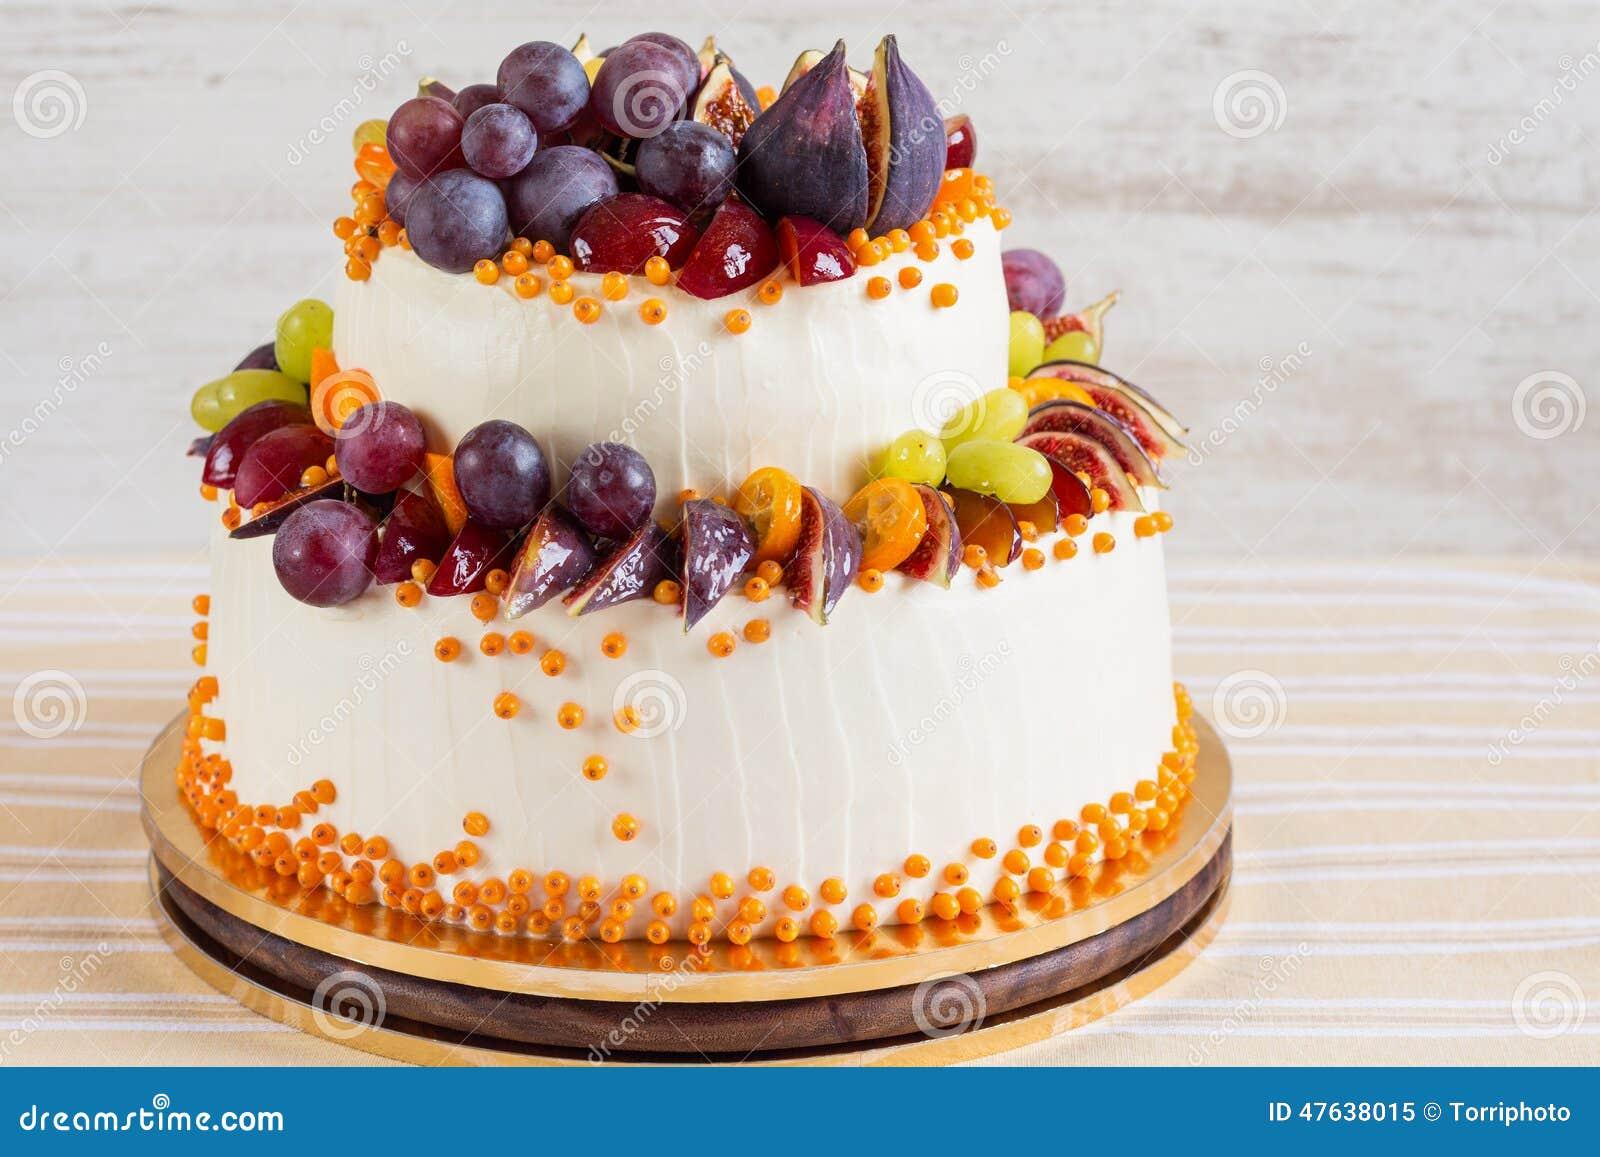 Autumn Wedding Cake Stock Image Image Of Celebration 47638015